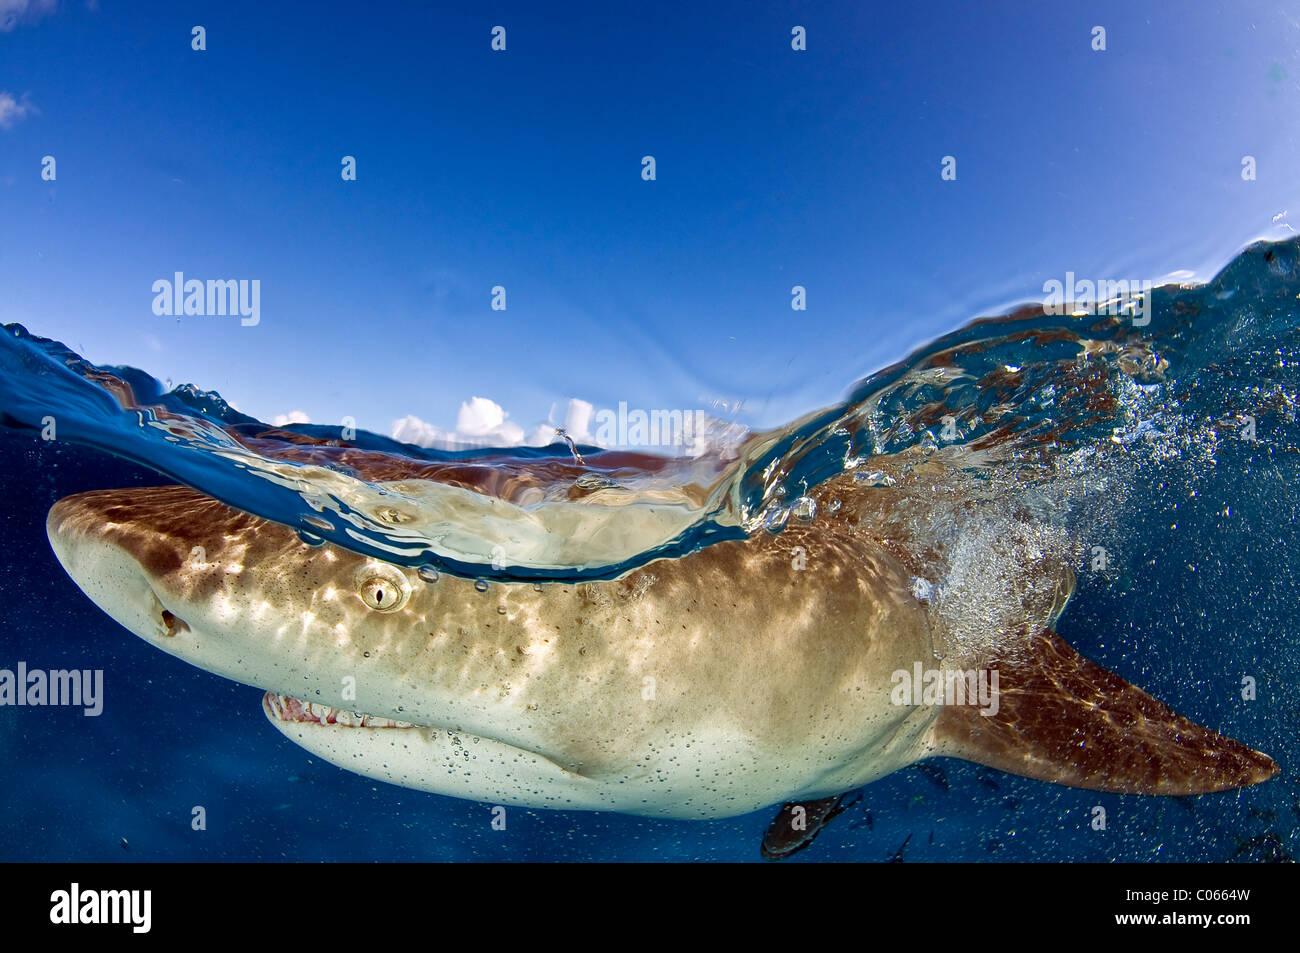 Tiburón Limón nadando cerca de la superficie, las Bahamas Imagen De Stock